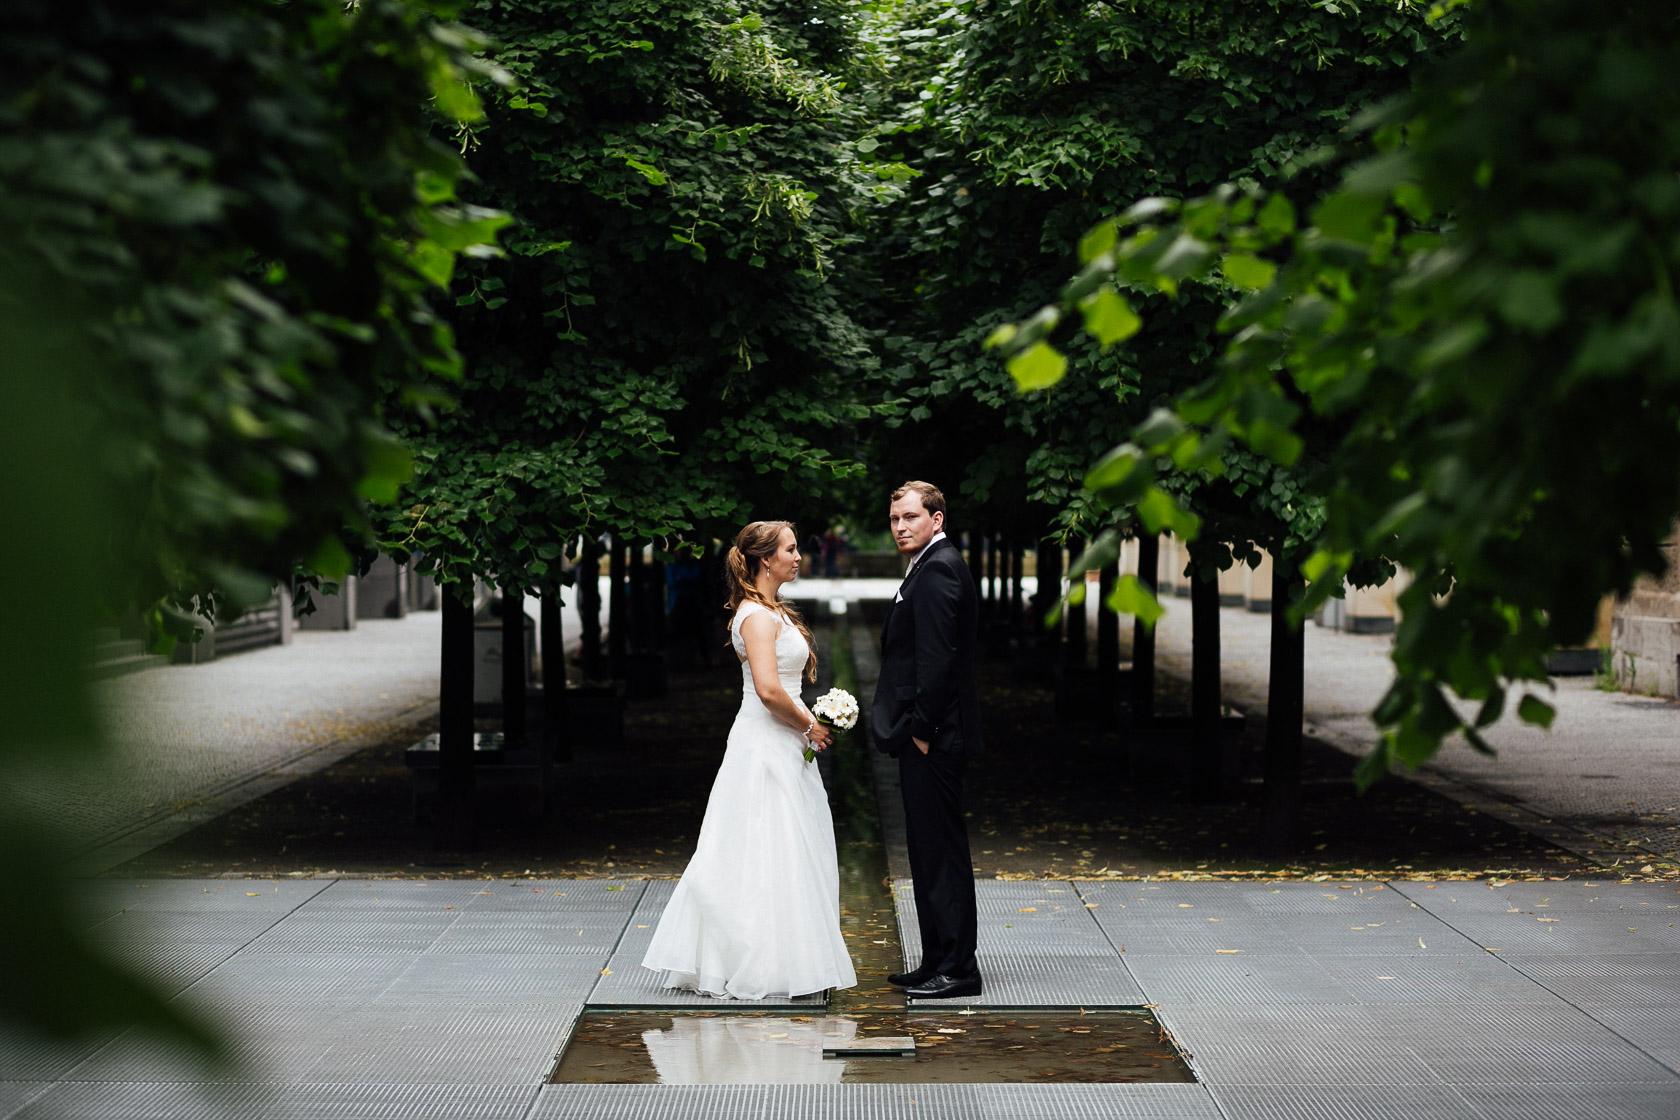 Brautpaar in Berlin Mitte blickt verträumt in Richtung des Fotografen